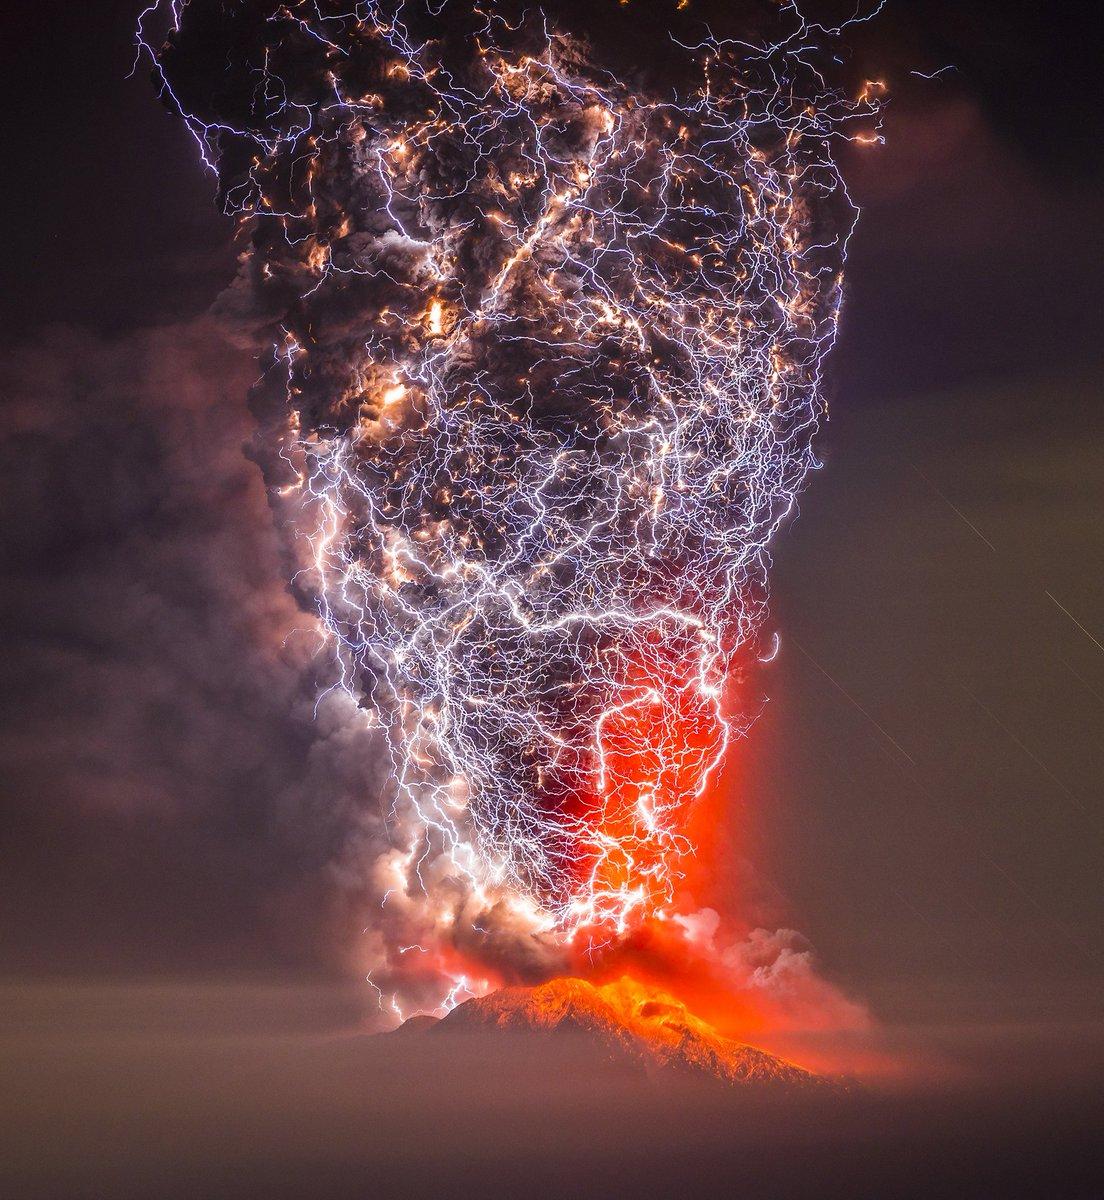 Những hiện tượng thiên nhiên kỳ lạ và hiếm gặp tới mức cả đời chưa chắc bạn được chứng kiến - sét núi lửa